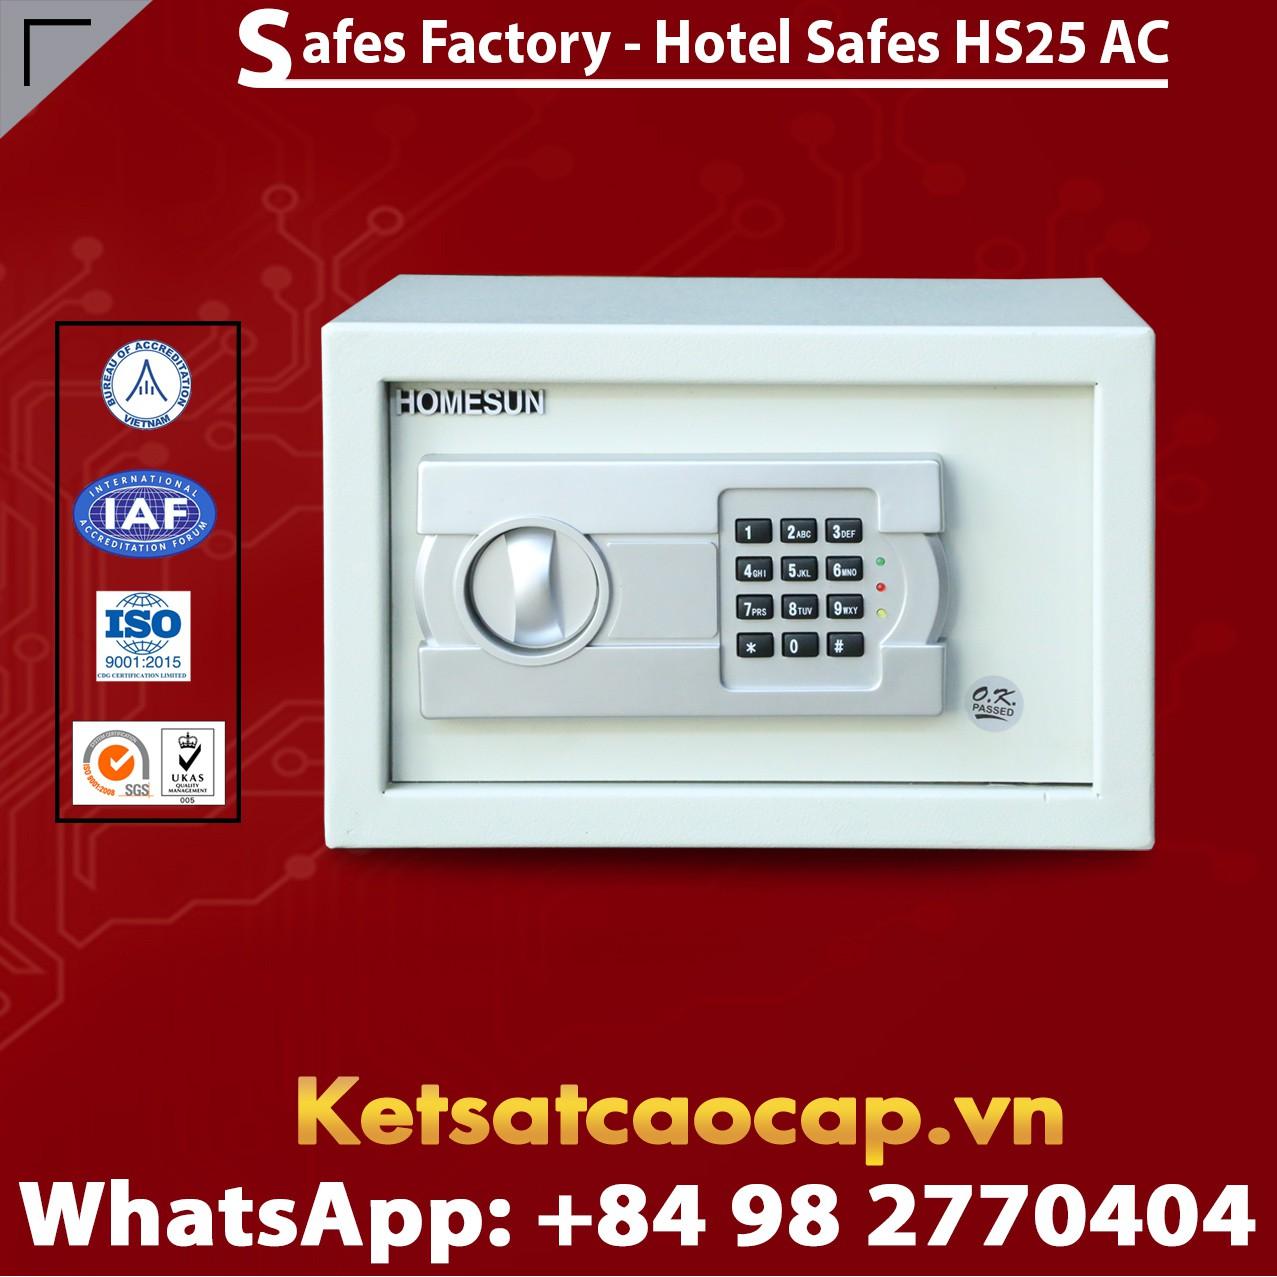 Két Sắt Khách Sạn Hotel Safes HOMESUN HS25 AC